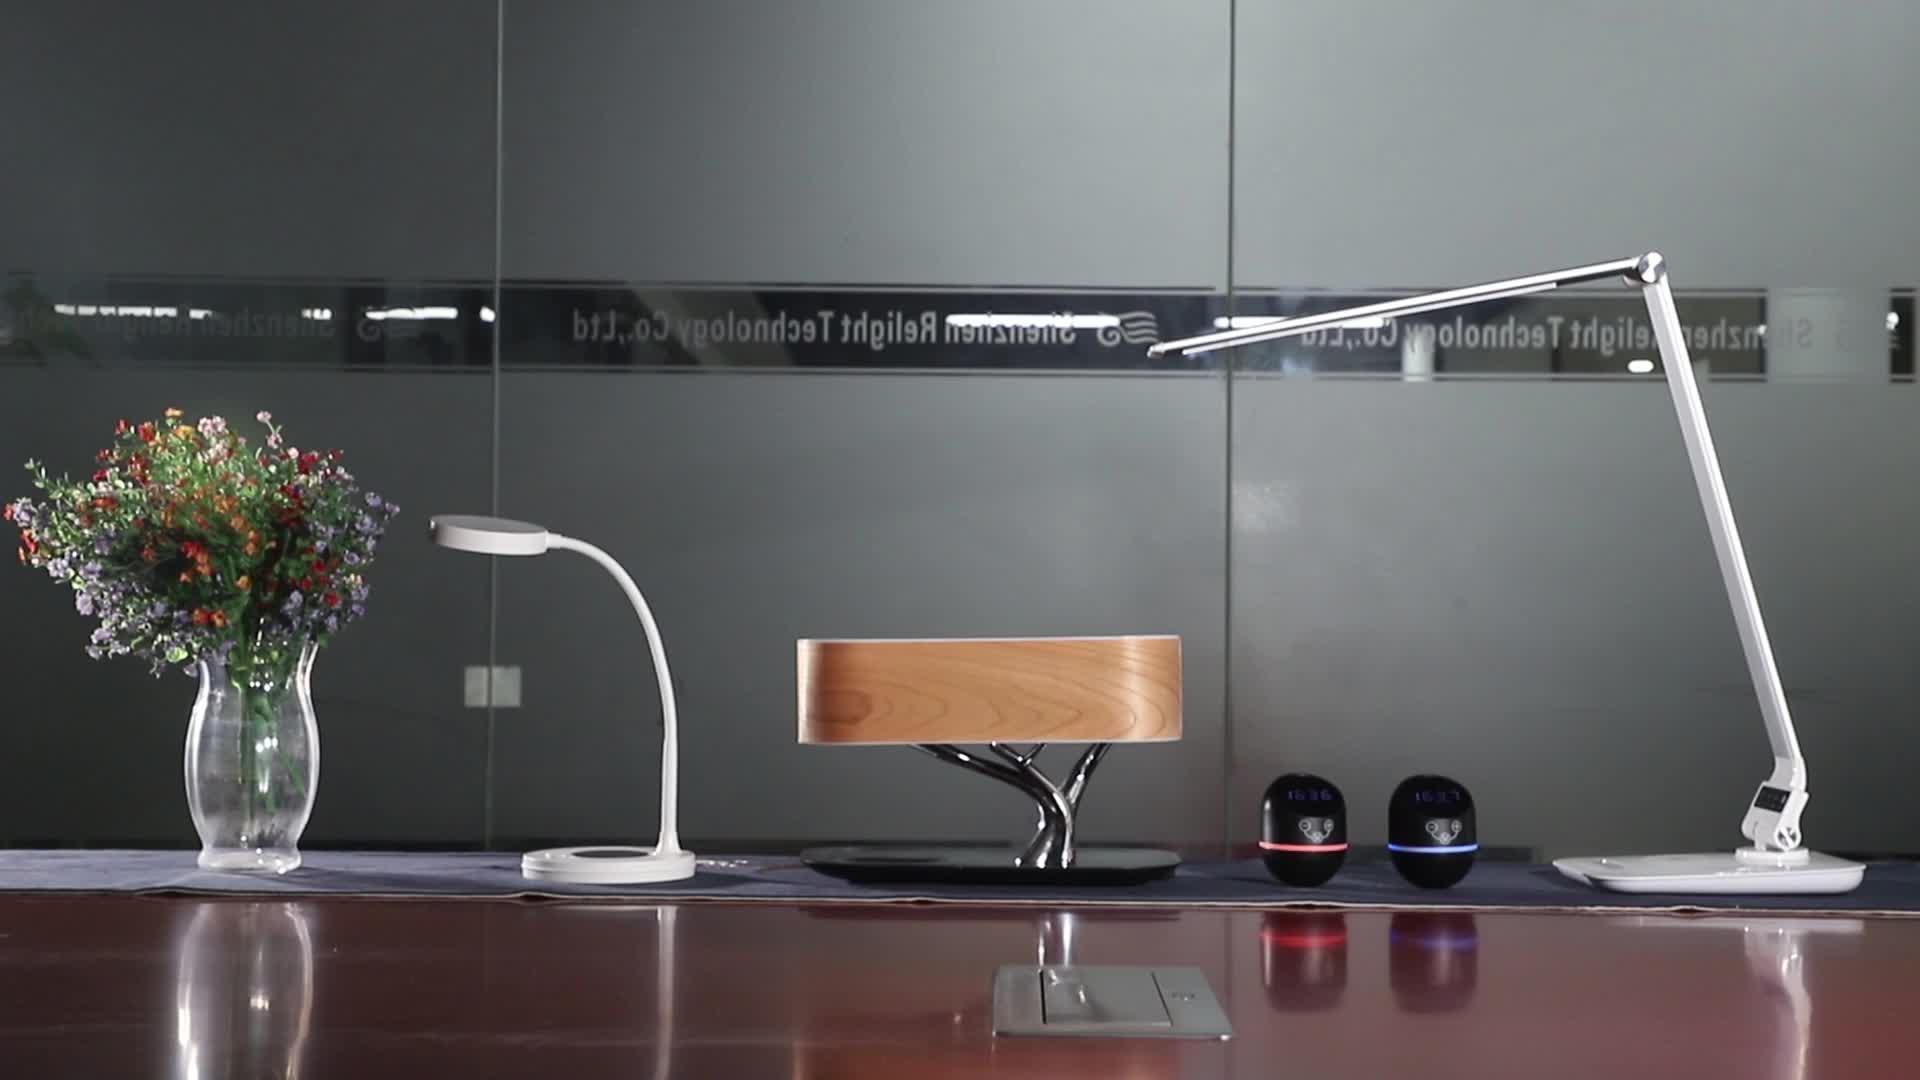 MESUN Sıcak Satış Ağaç masa lambası kablosuz şarj cihazı ve bluetooth hoparlör için iyi otel, Ev kullanımı